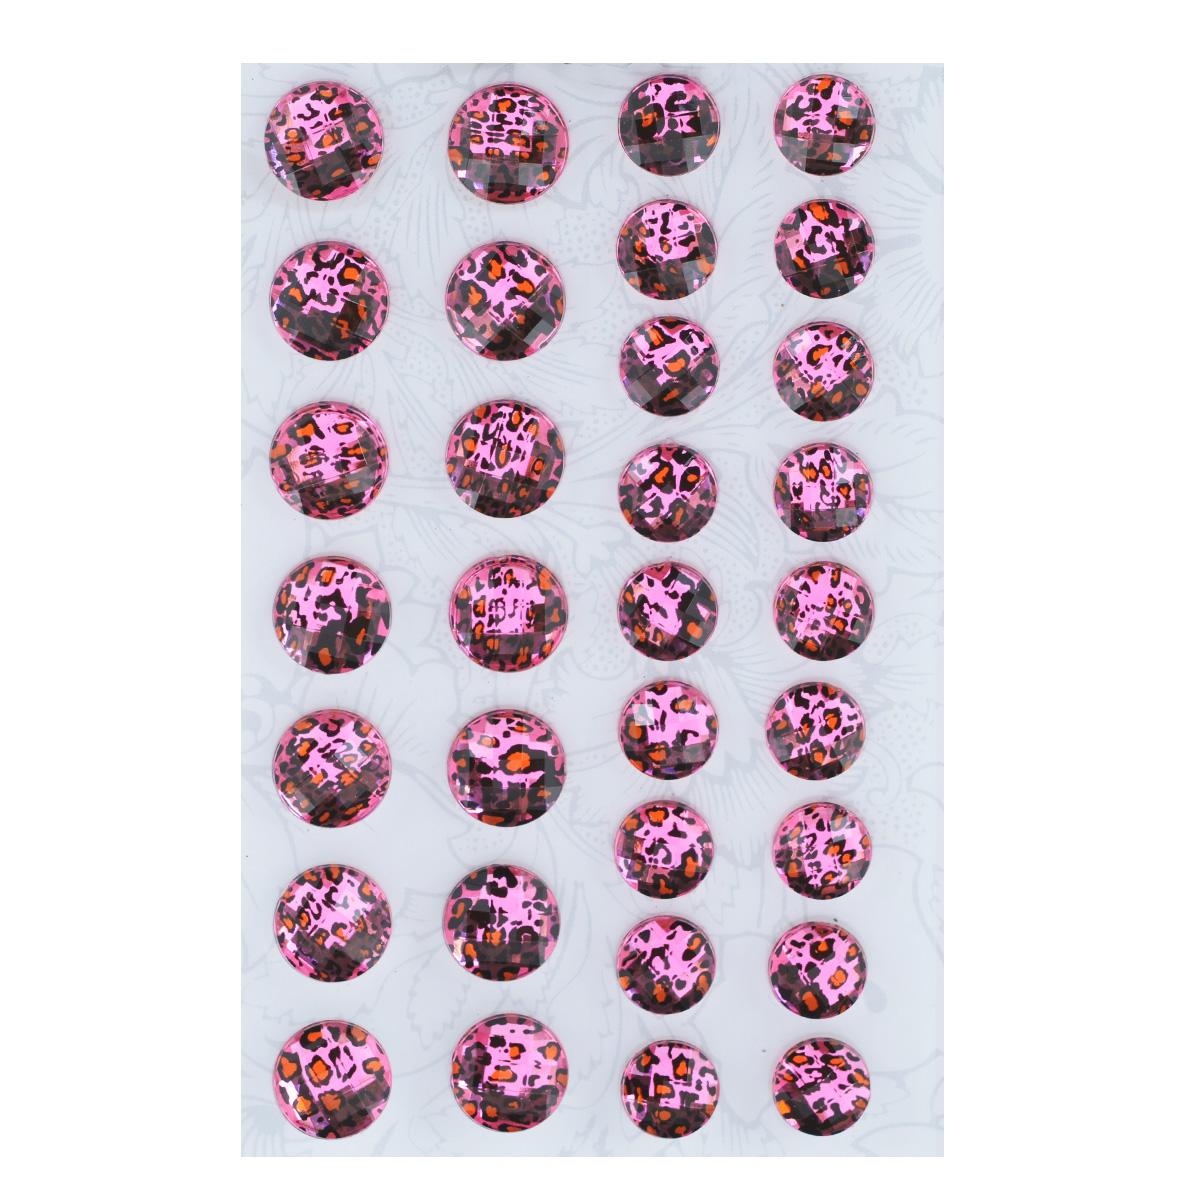 Наклейки декоративные Астра, цвет: розовый, 32 шт. 77083607708360Декоративные наклейки Астра, изготовленные из пластика, прекрасно подойдут для оформления творческих работ в технике скрапбукинга. Их можно использовать для украшения фотоальбомов, скрап-страничек, подарков, конвертов, фоторамок, открыток и т.д. Объемные наклейки круглой формы, декорированные анималистичным принтом, оснащены задней клейкой стороной. Скрапбукинг - это хобби, которое способно приносить массу приятных эмоций не только человеку, который этим занимается, но и его близким, друзьям, родным. Это невероятно увлекательное занятие, которое поможет вам сохранить наиболее памятные и яркие моменты вашей жизни, а также интересно оформить интерьер дома. Диаметр наклеек: 10 мм, 12 мм.